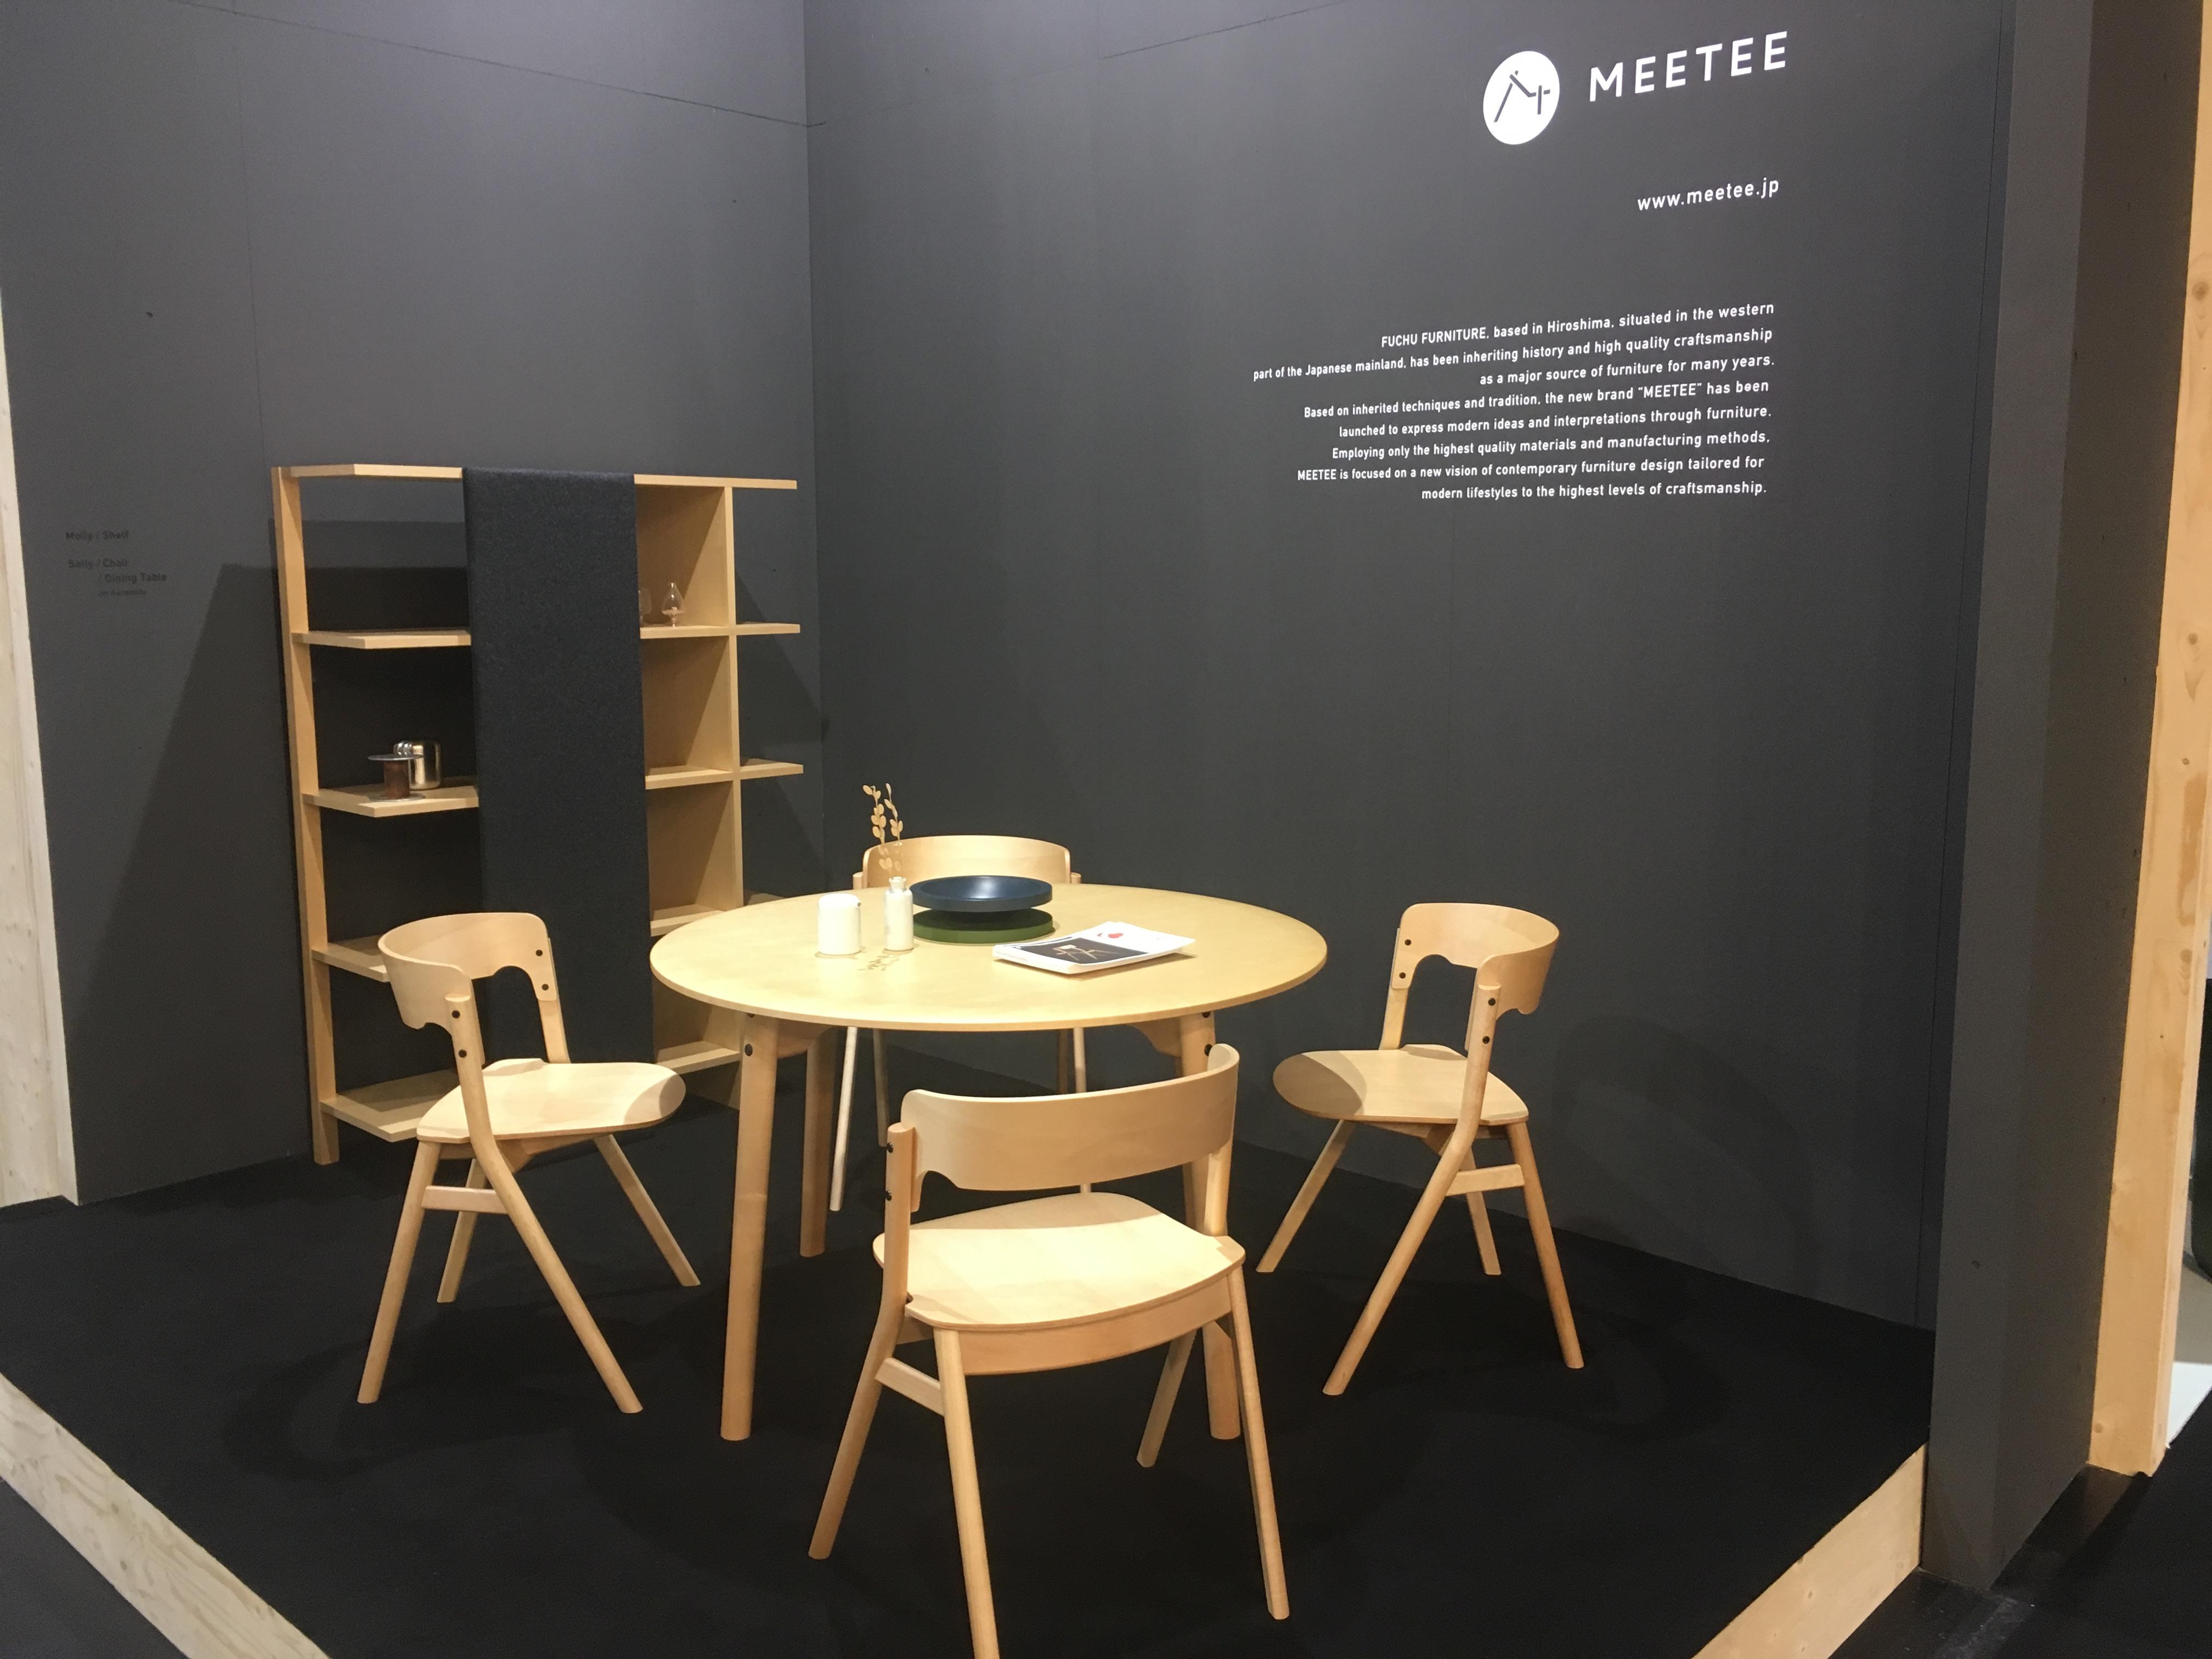 Targi IMM Cologne 2018_4